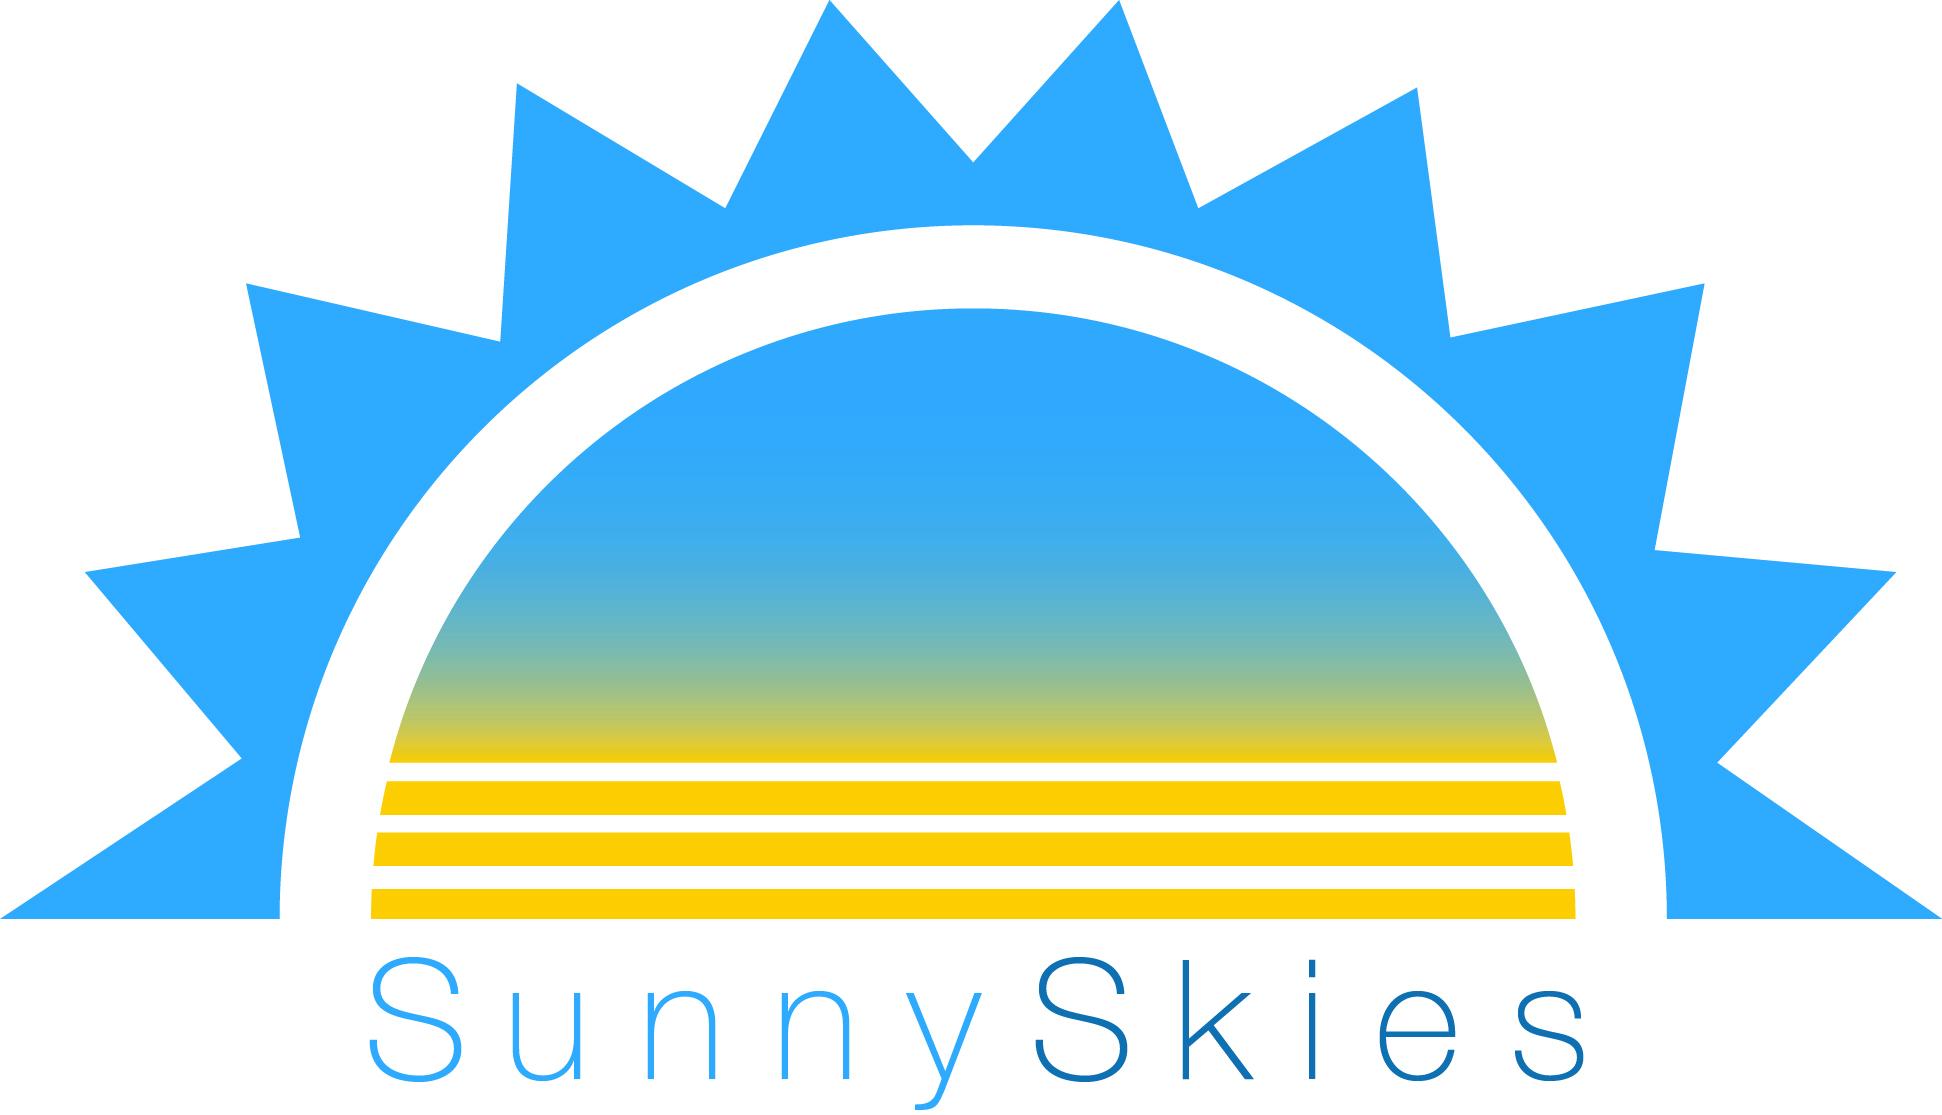 SunnySkies